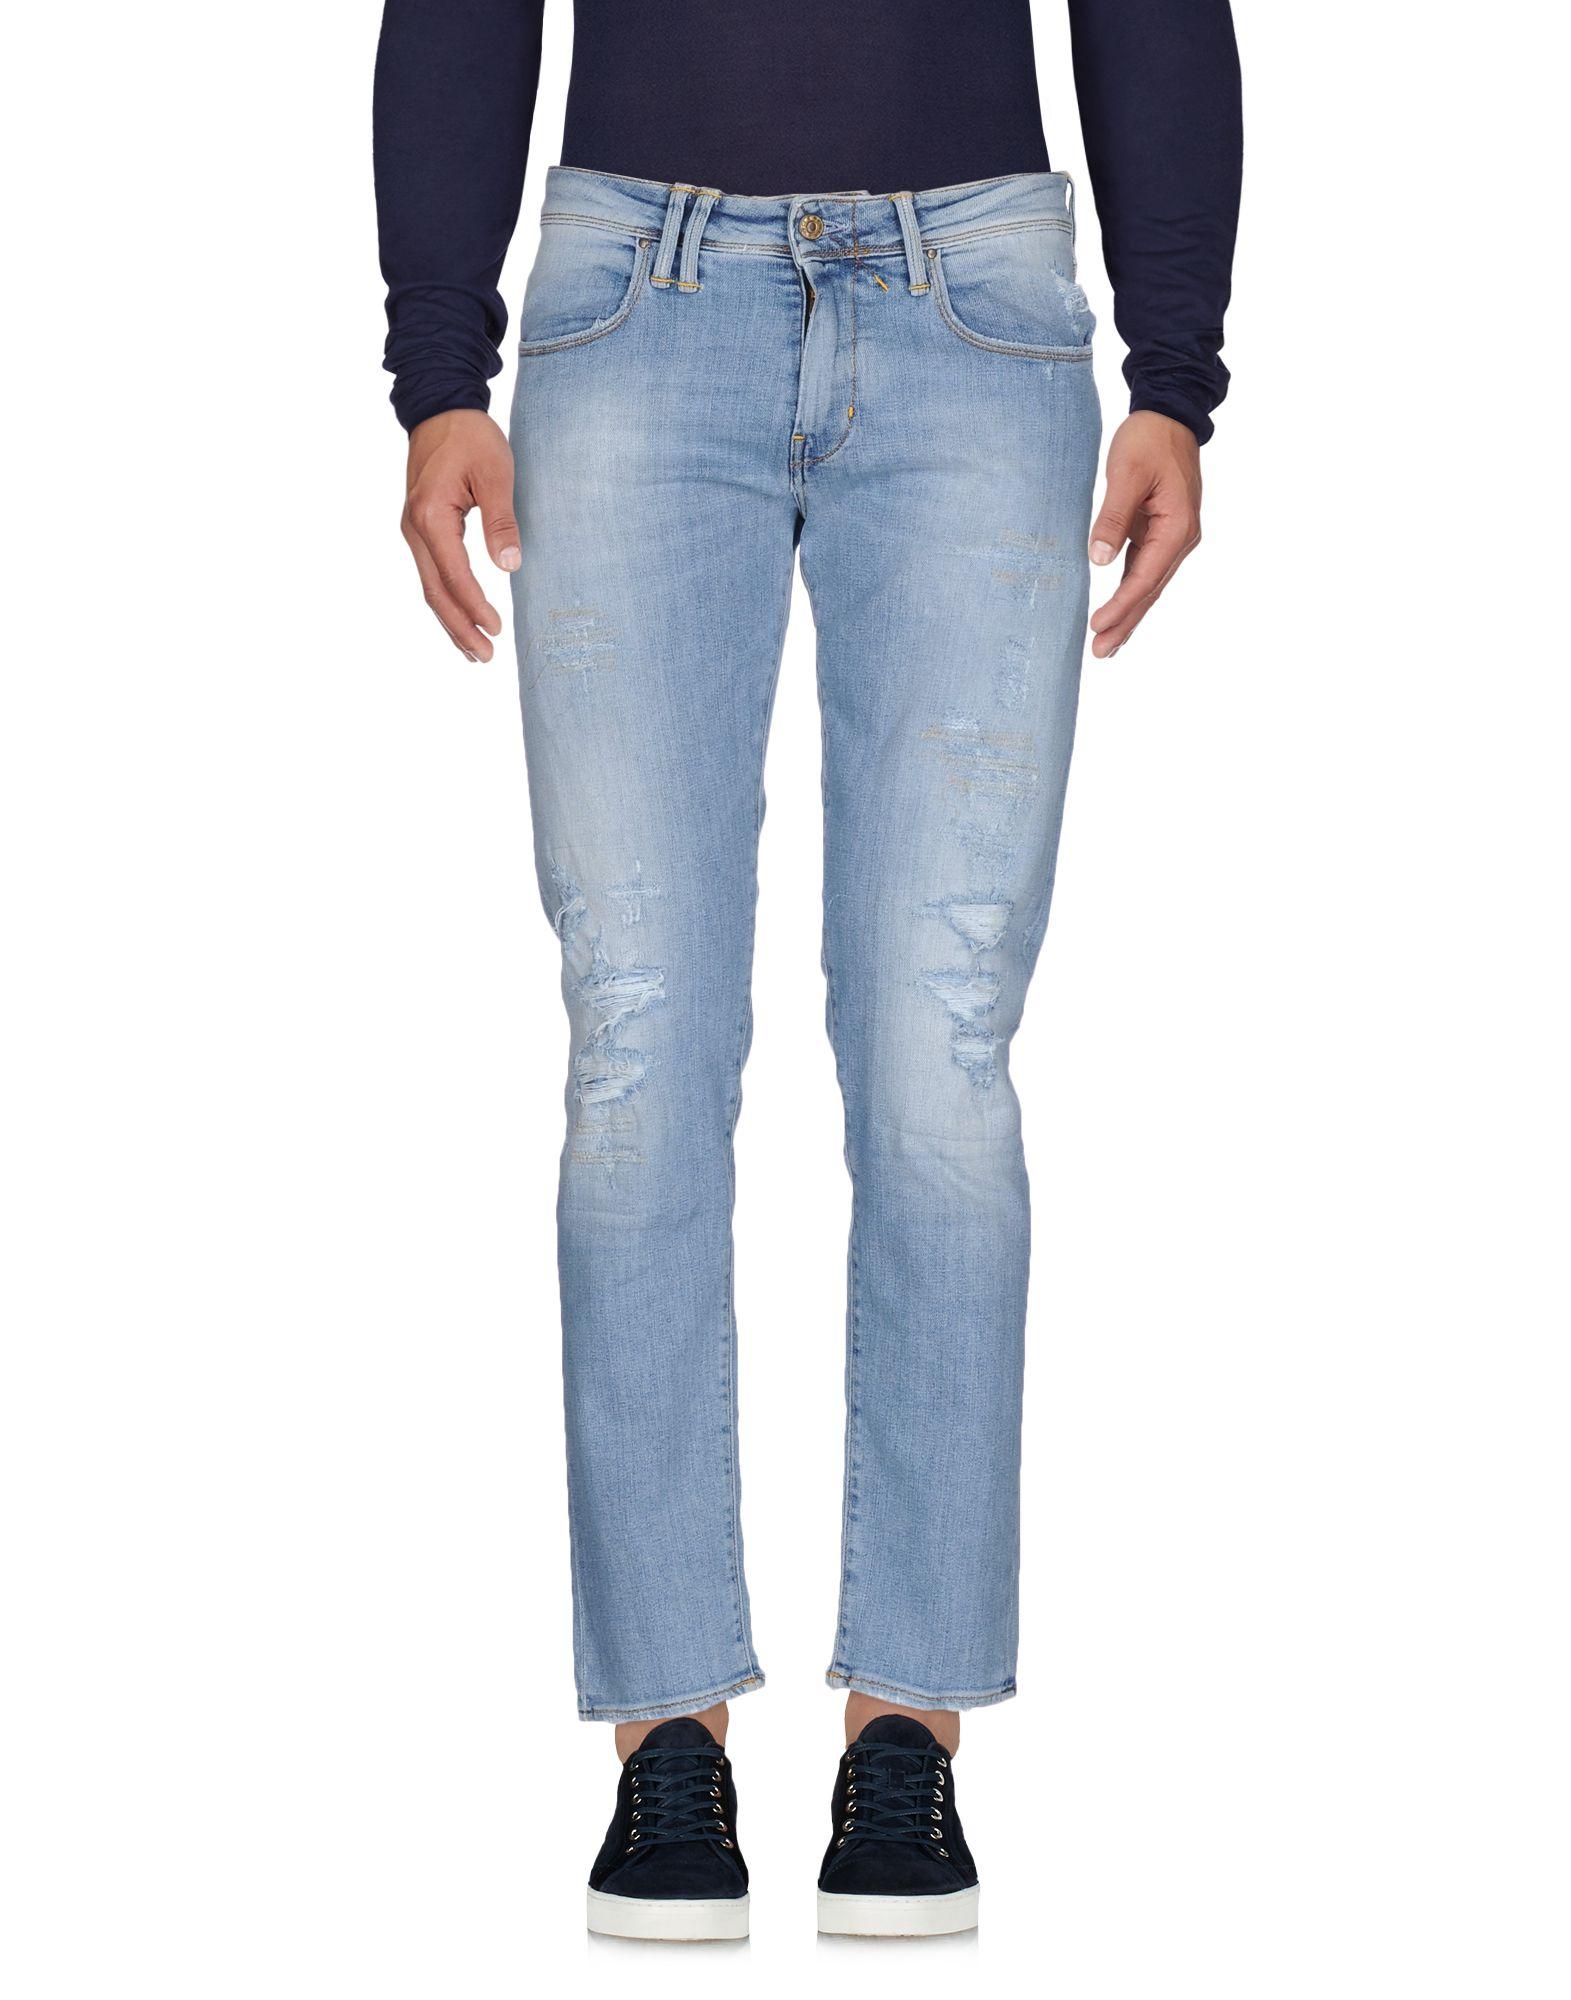 CYCLE Herren Jeanshose Farbe Blau Größe 8 jetztbilligerkaufen